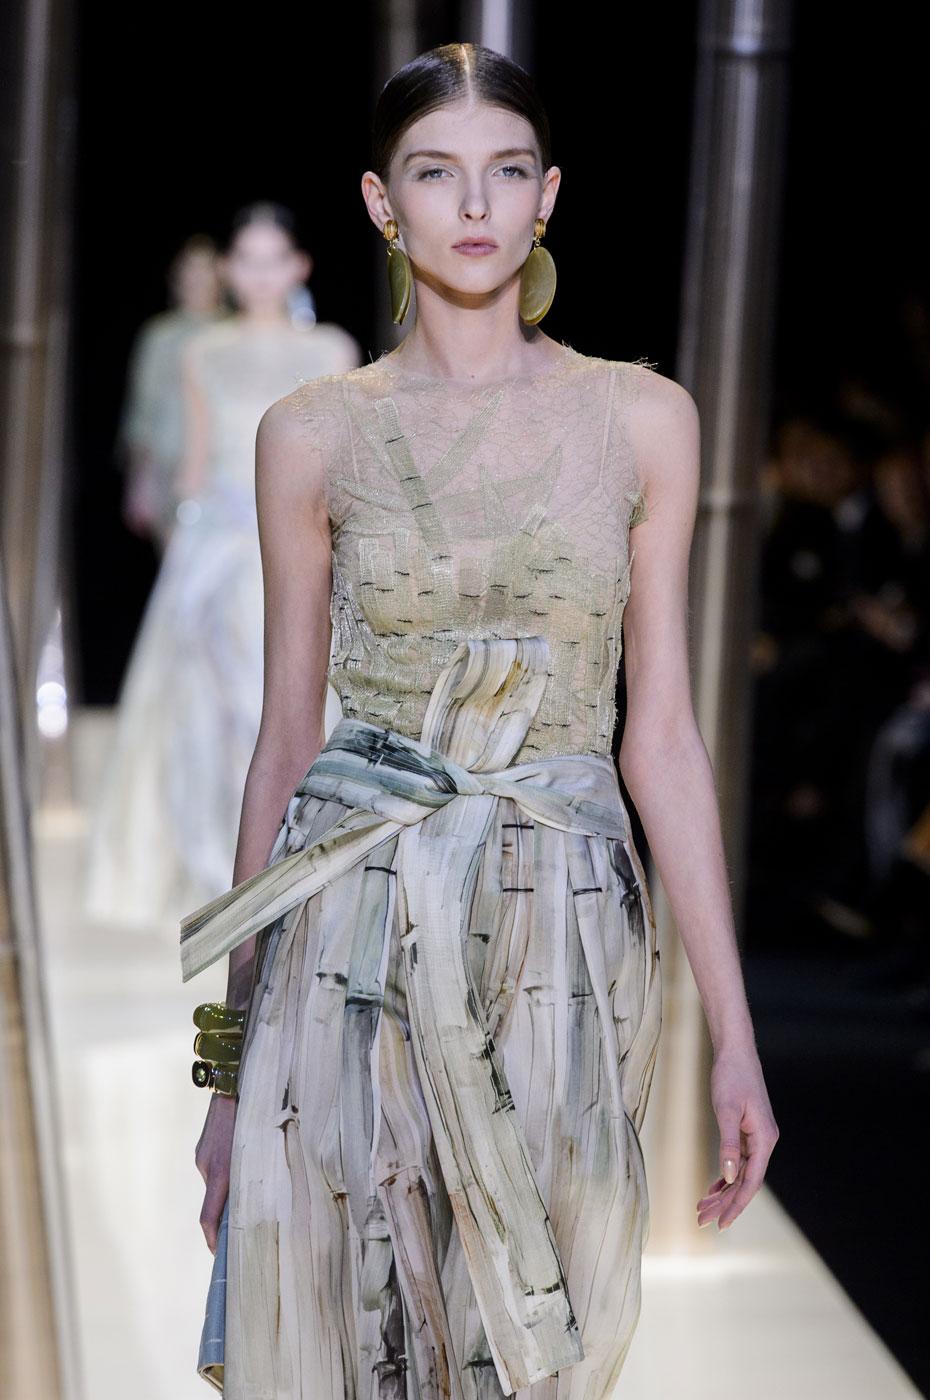 Giorgio-armani-Prive-fashion-runway-show-haute-couture-paris-spring-2015-the-impression-038